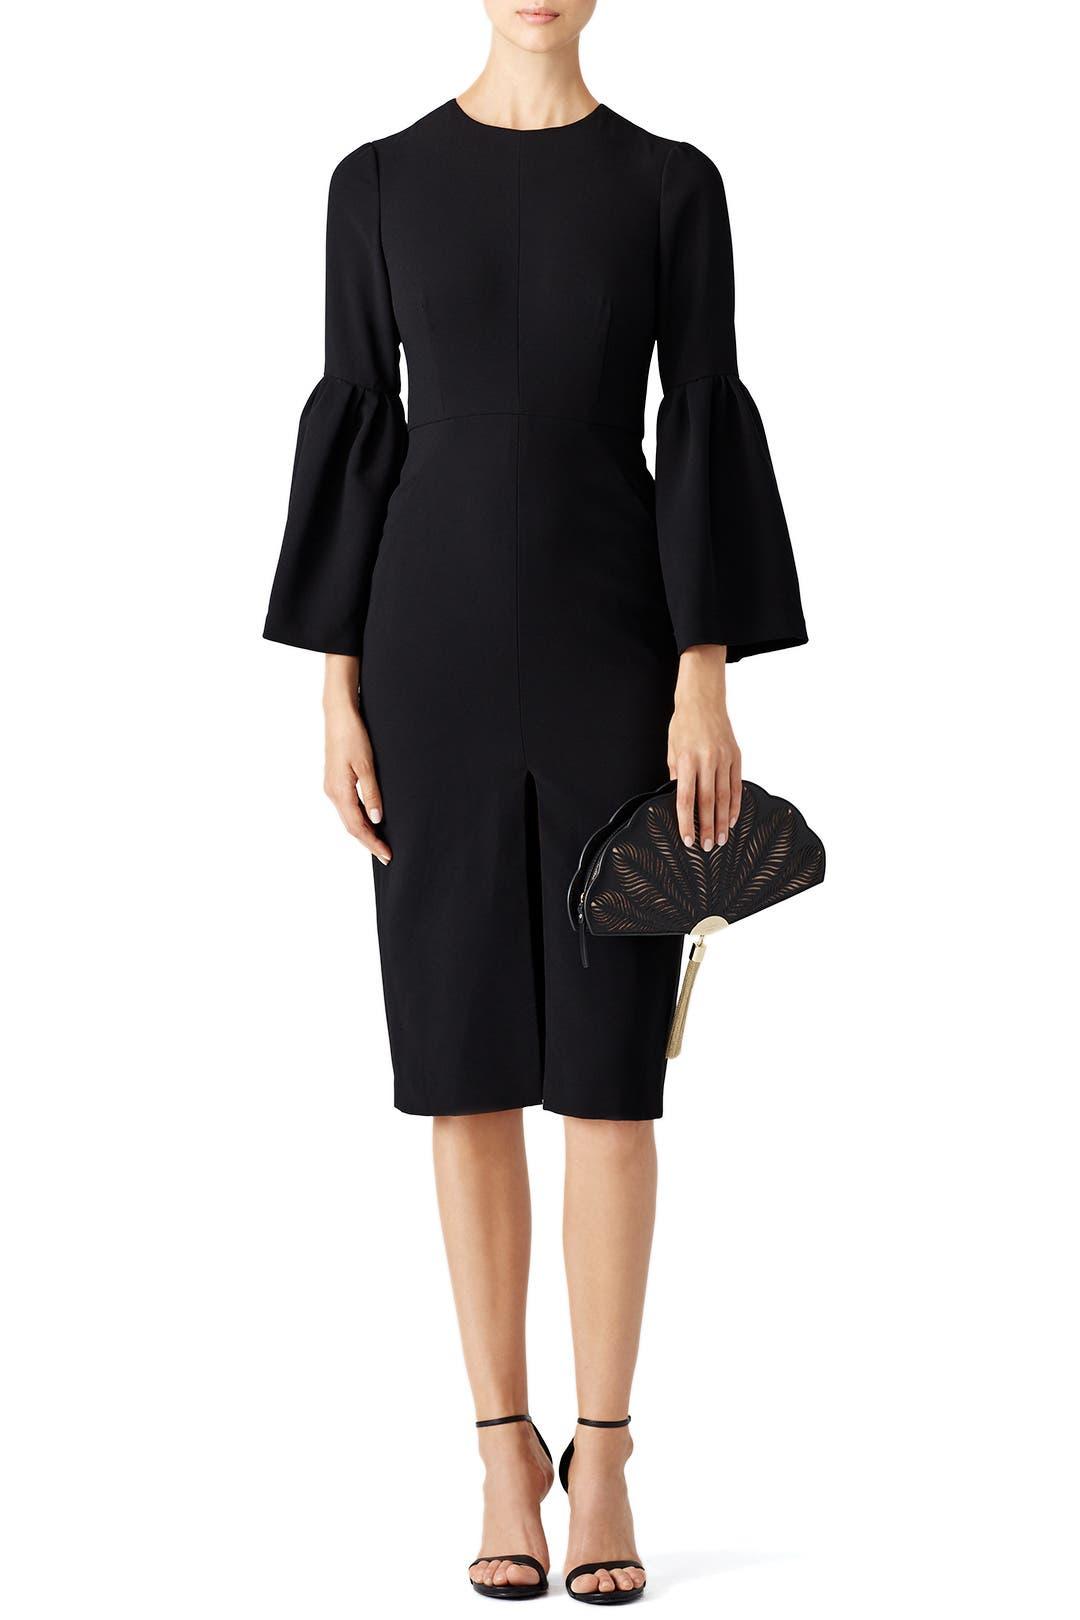 Black Cropped Bell Sleeve Dress By Jill Jill Stuart For